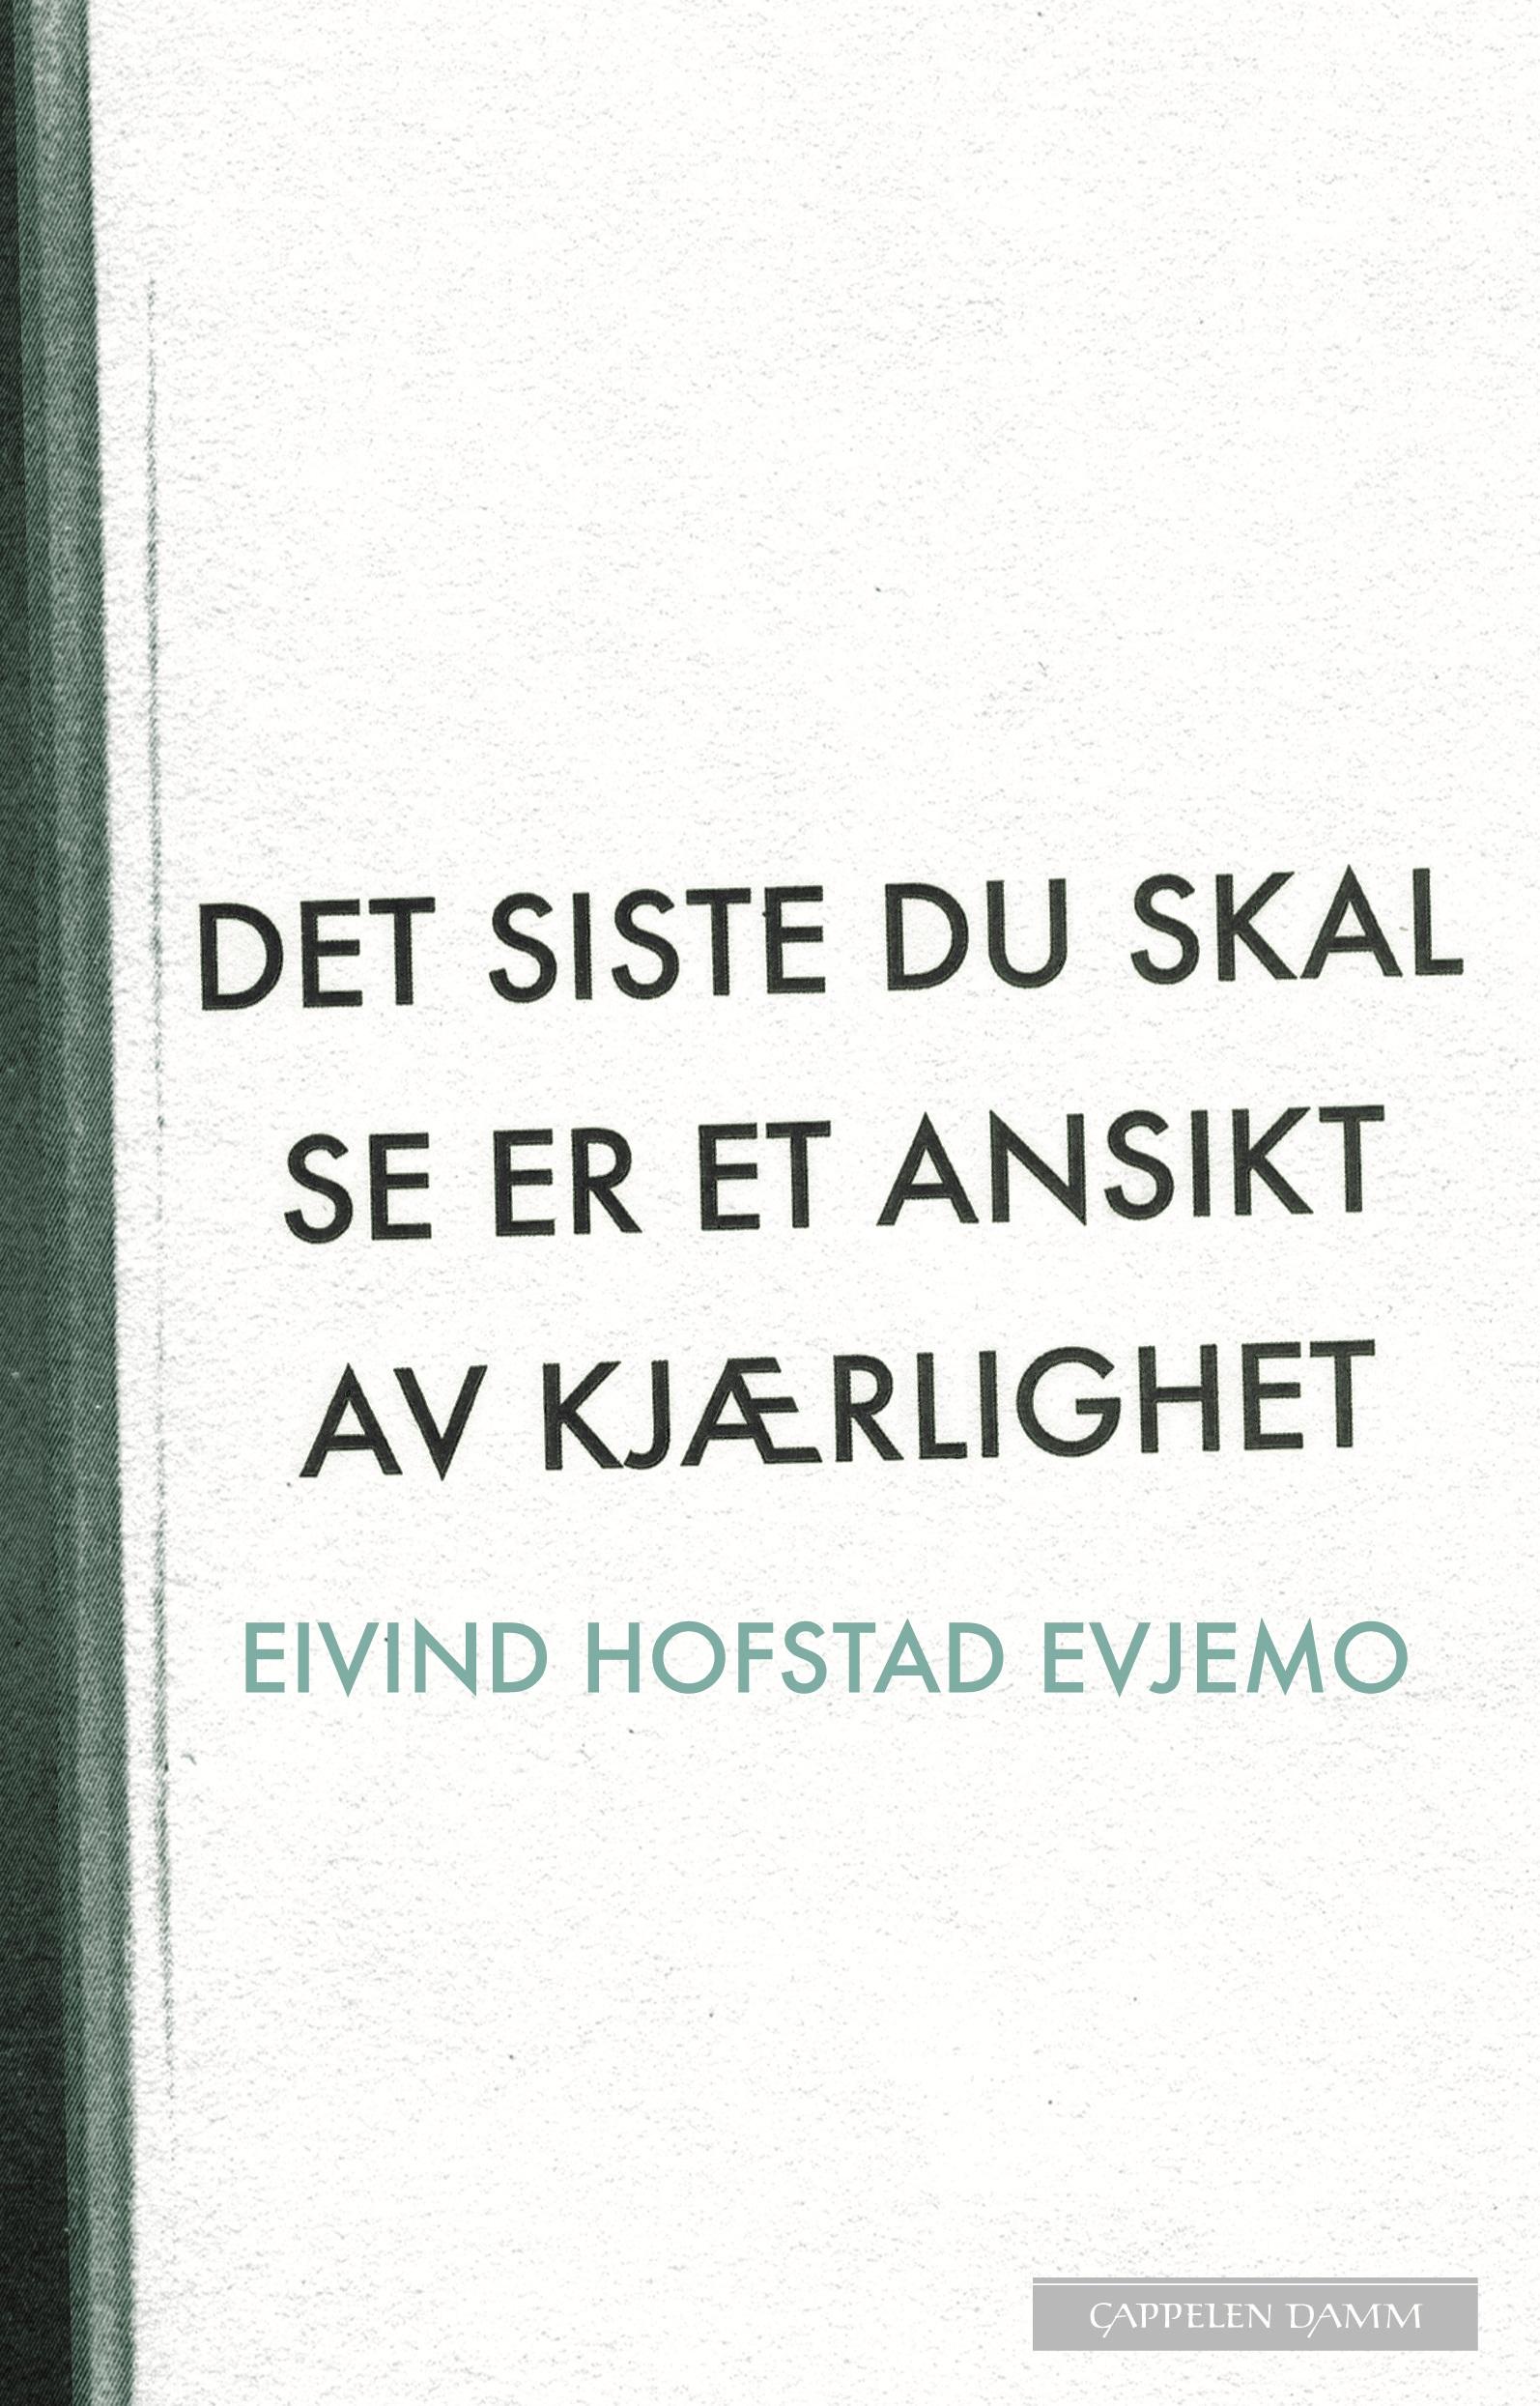 Eivind Hofstad Evjemo: Det siste du skal se er et ansikt av kjærlighet.